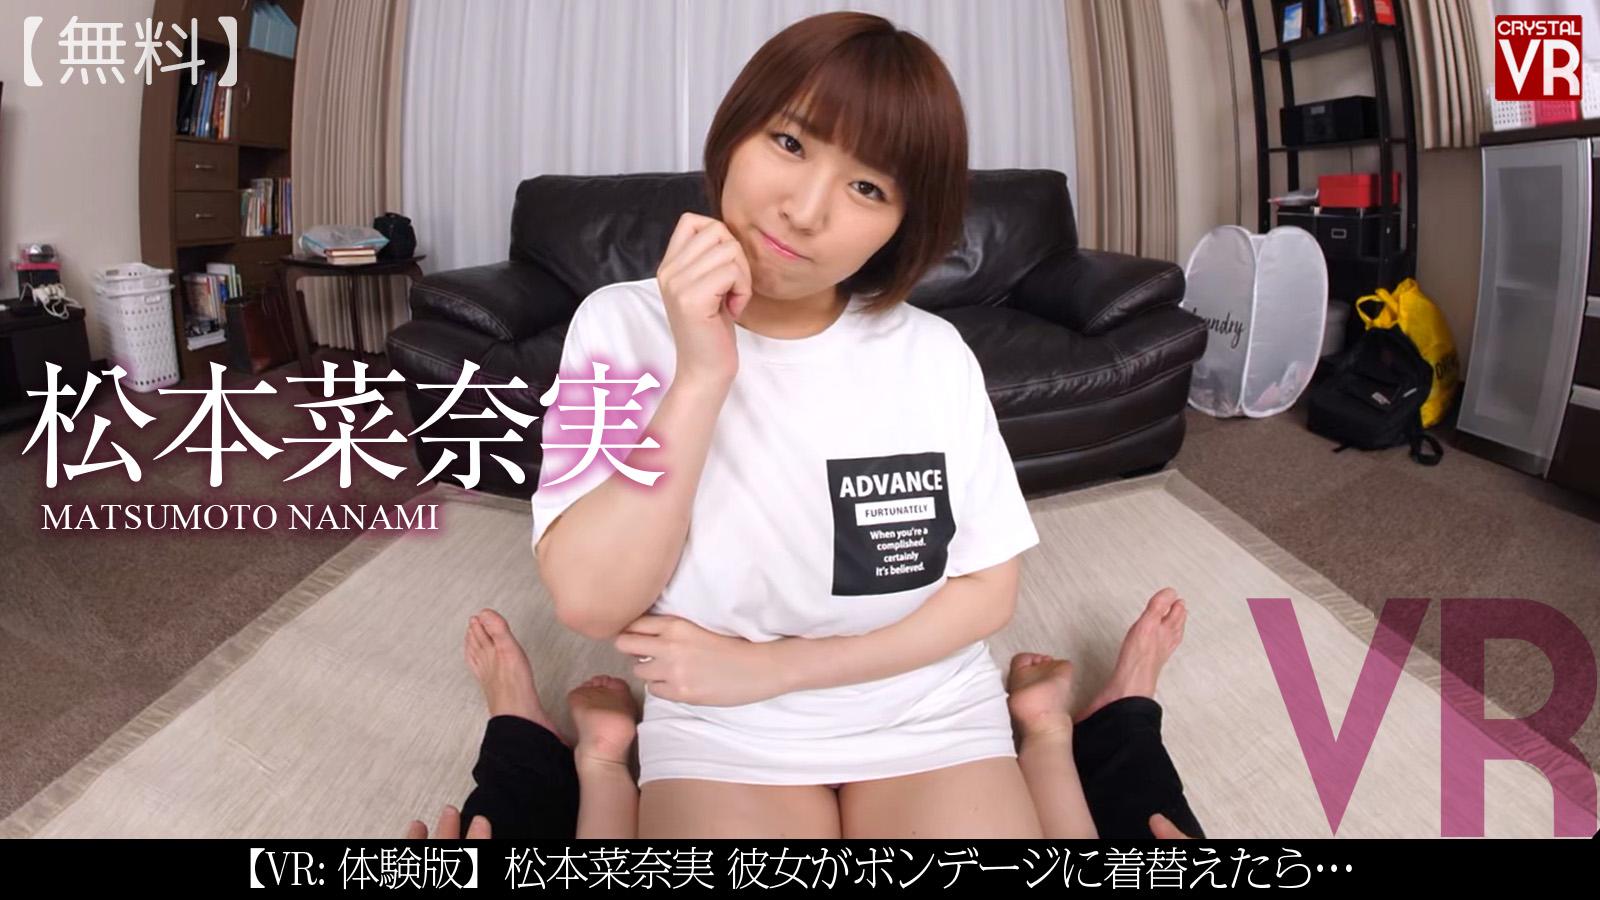 VR動画:【無料 4K匠】体験版:松本菜奈実 彼女がボンデージに着替えたら…ボンデージその前に!